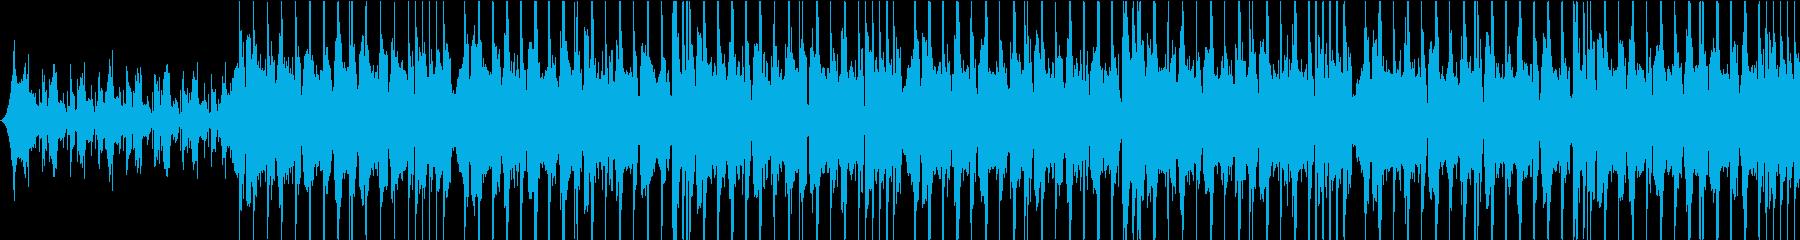 最先端テクノロジー感のあるサウンドロゴの再生済みの波形